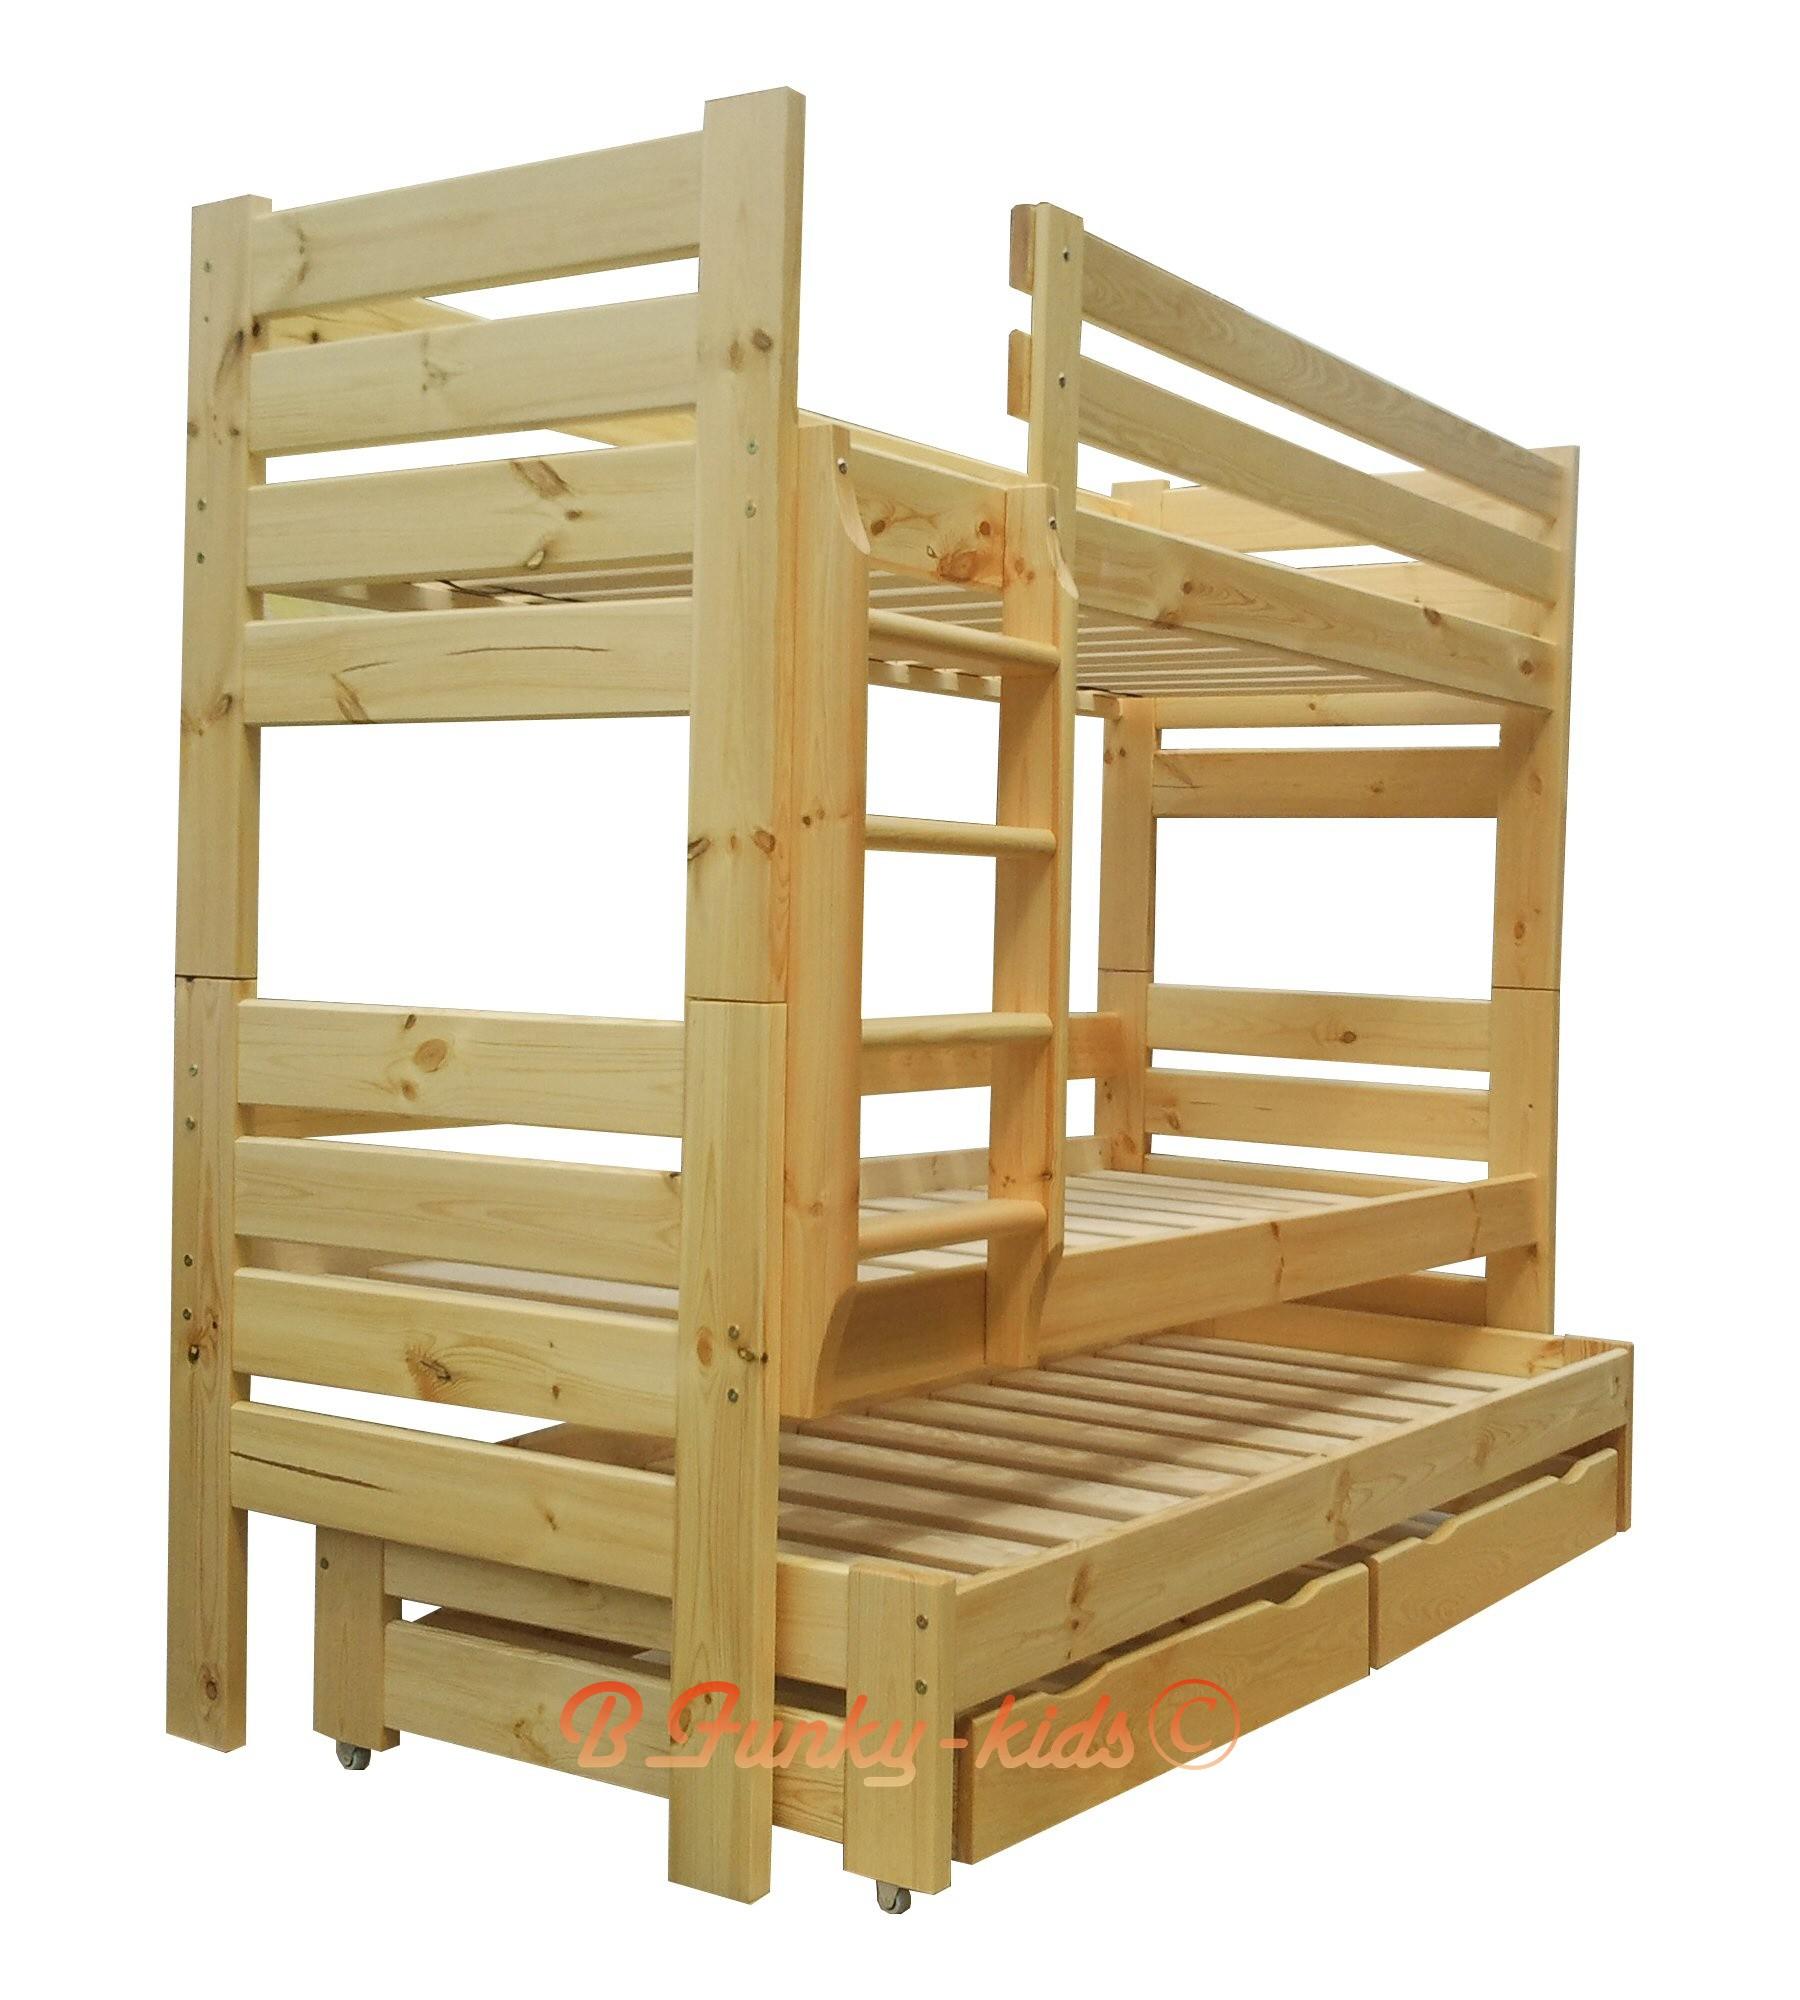 Letto a castello con estraibile in legno massello Gustavo 3 con mat...